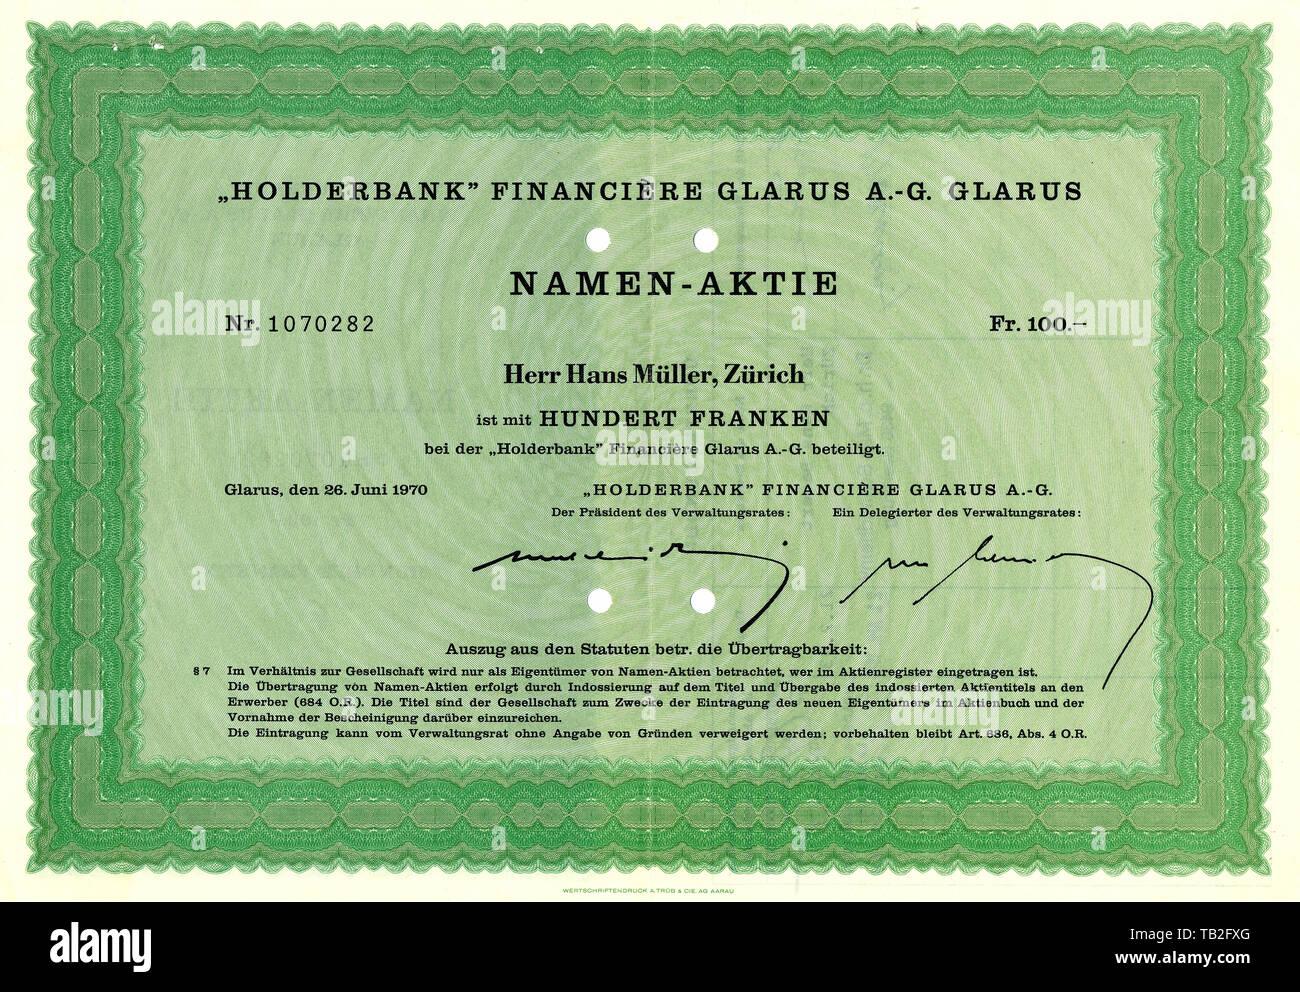 Historic share certificate from Swiss, Wertpapier, Aktie über 100 Schweizer Franken, Holderbank Financiere Glarus A.-G., Zürich, 1970, Schweiz, Europa - Stock Image